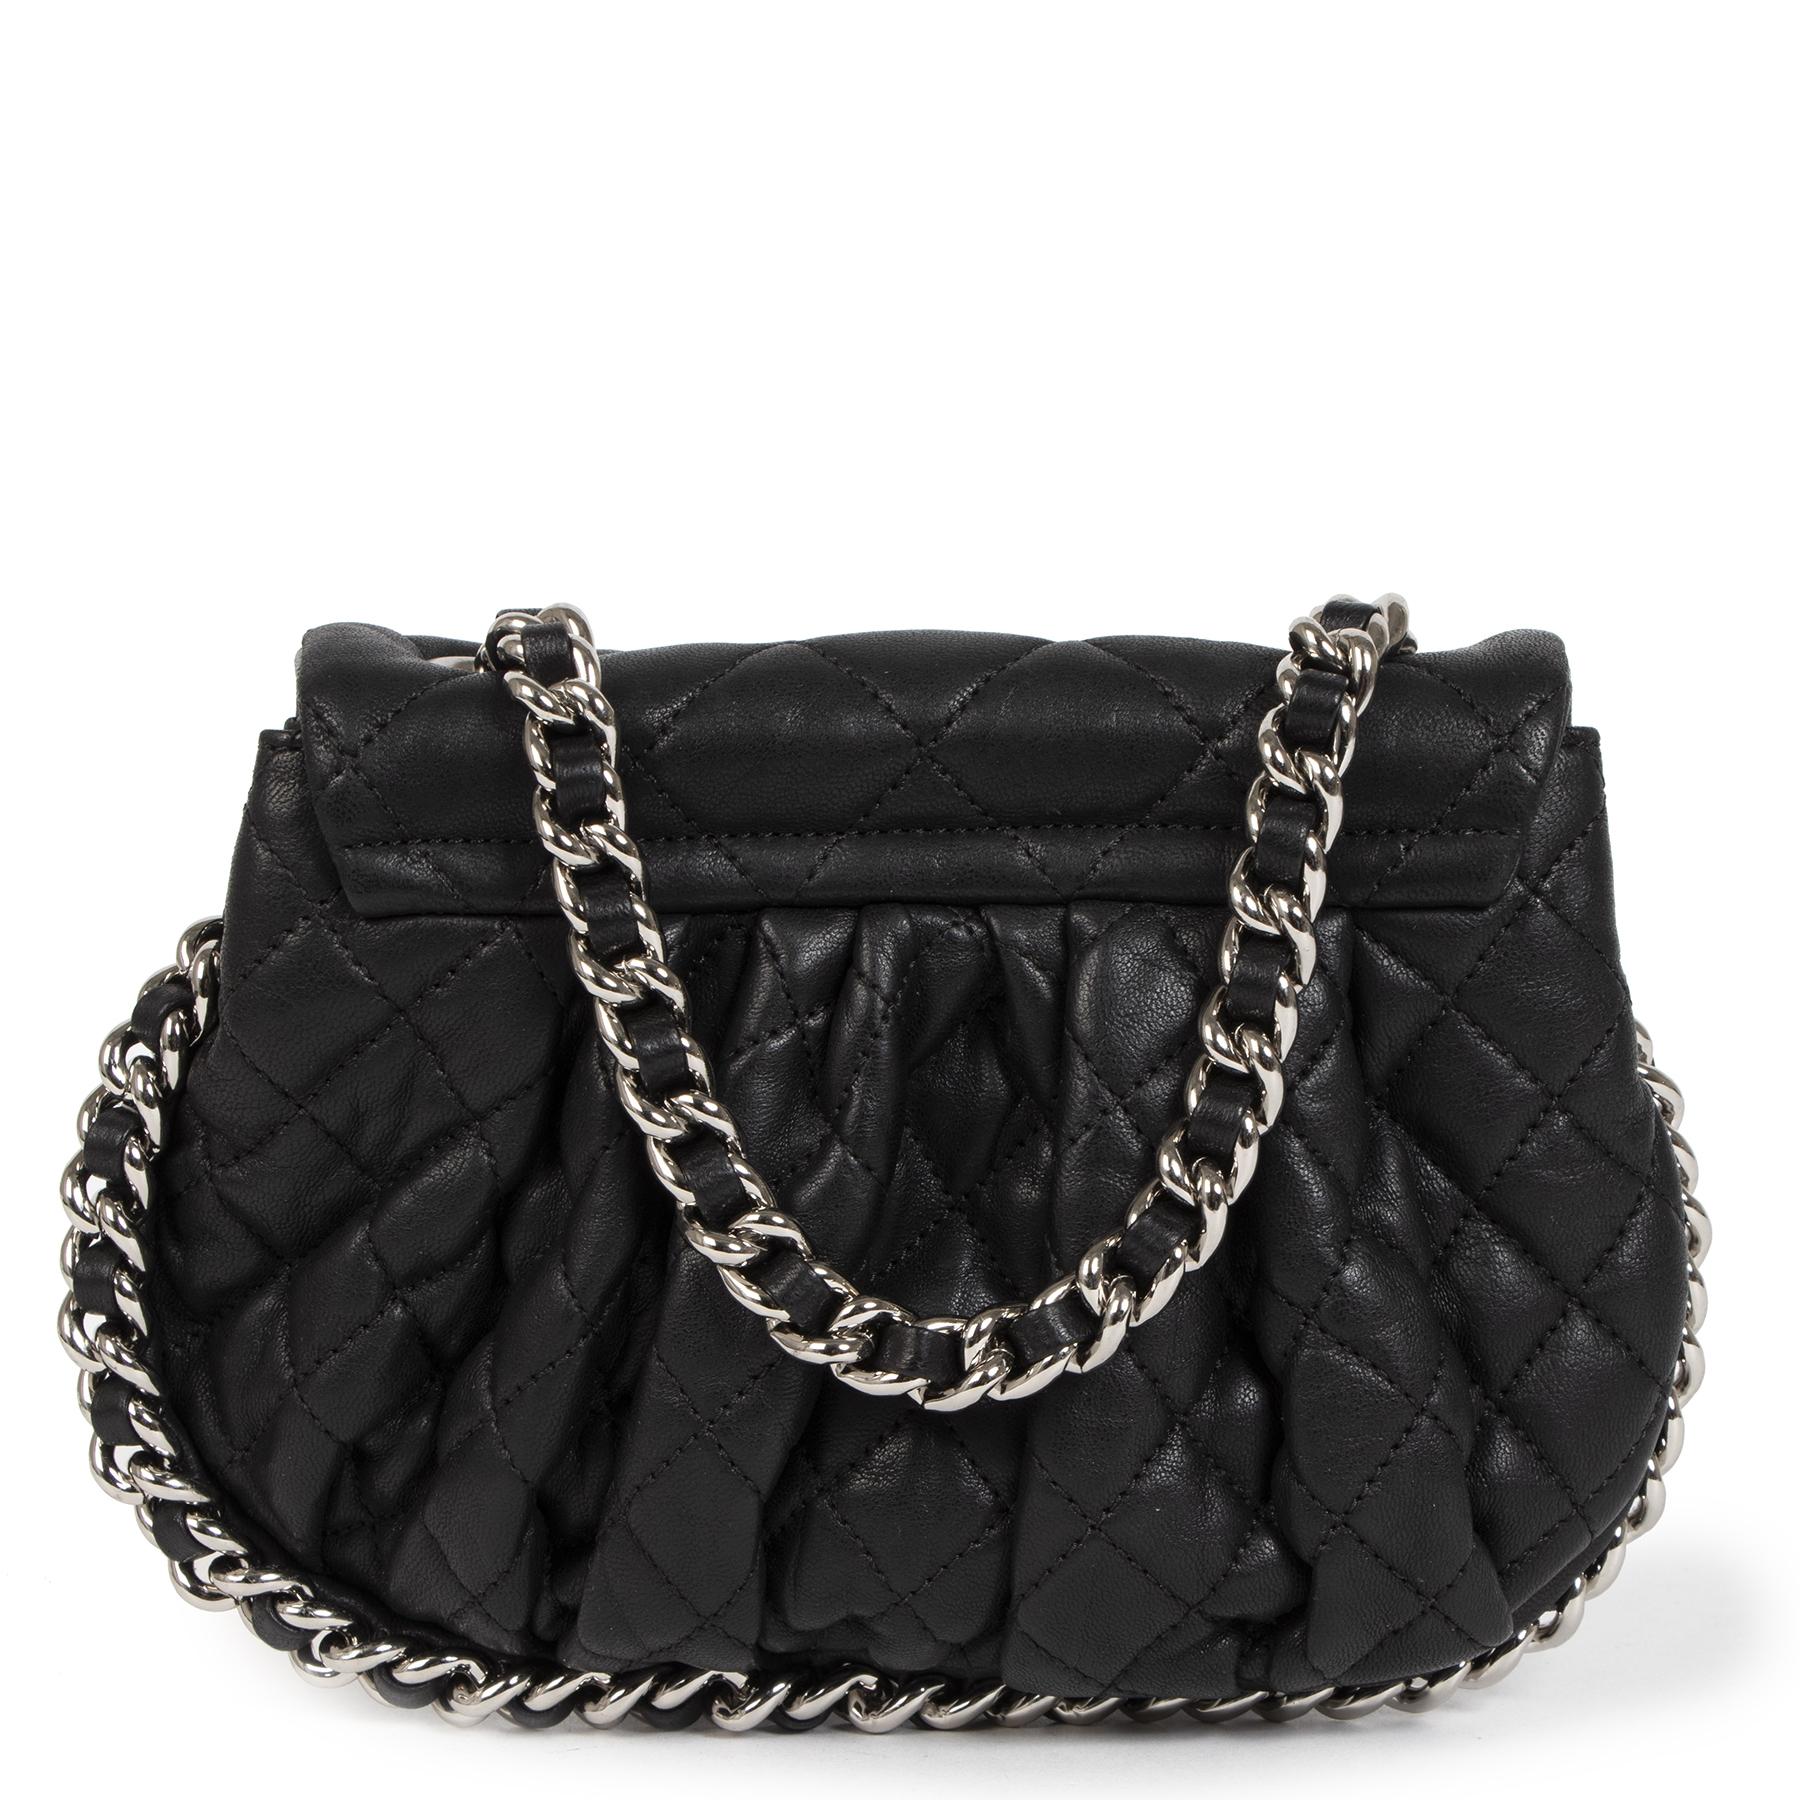 Authentieke Tweedehands Chanel Black Leather Chain Around Bag juiste prijs veilig online shoppen luxe merken webshop winkelen Antwerpen belgië mode fashion